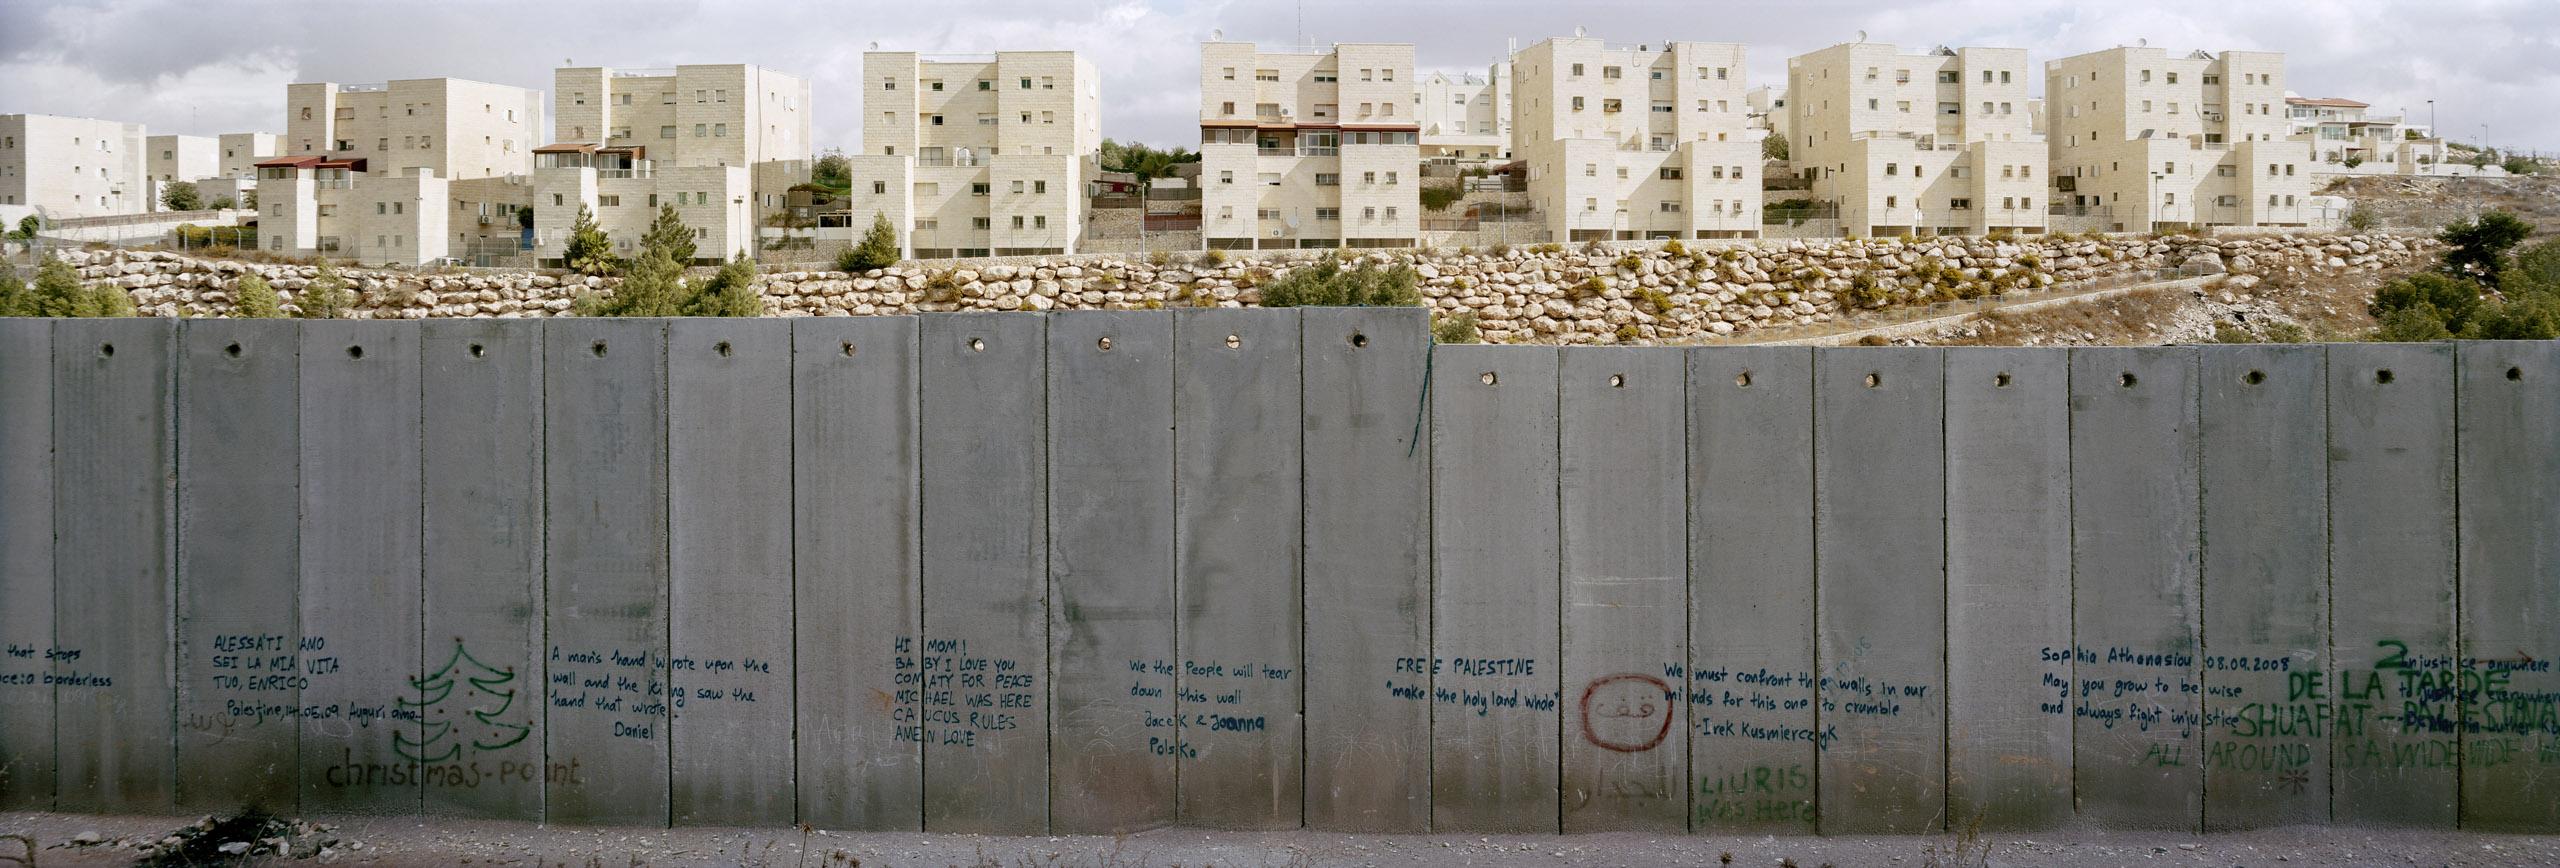 Pisgat Ze'ev, Jerusalem, 2009.